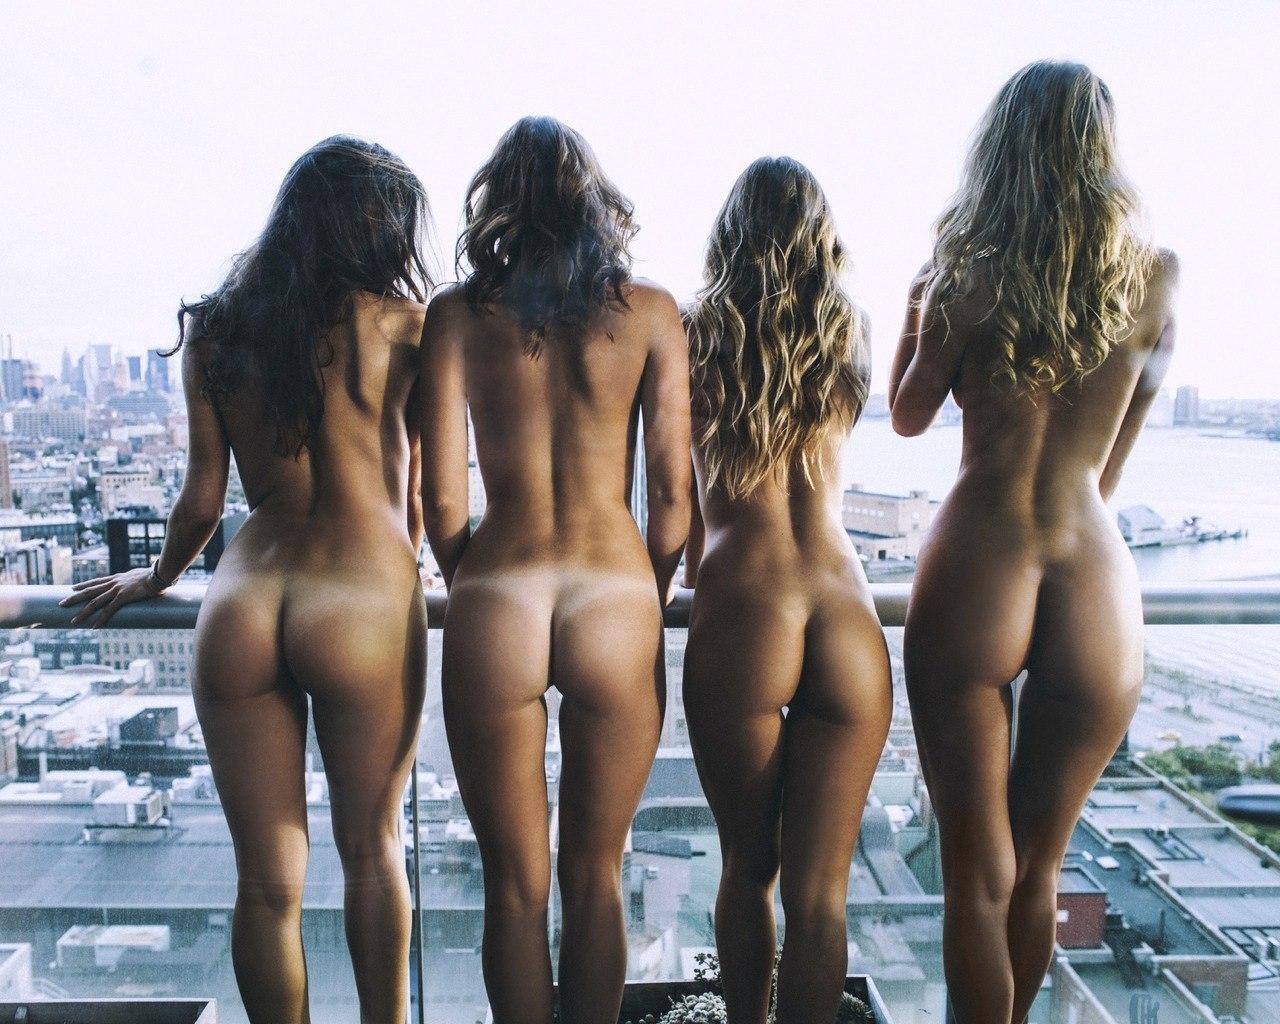 Много классных голых попок фото #11